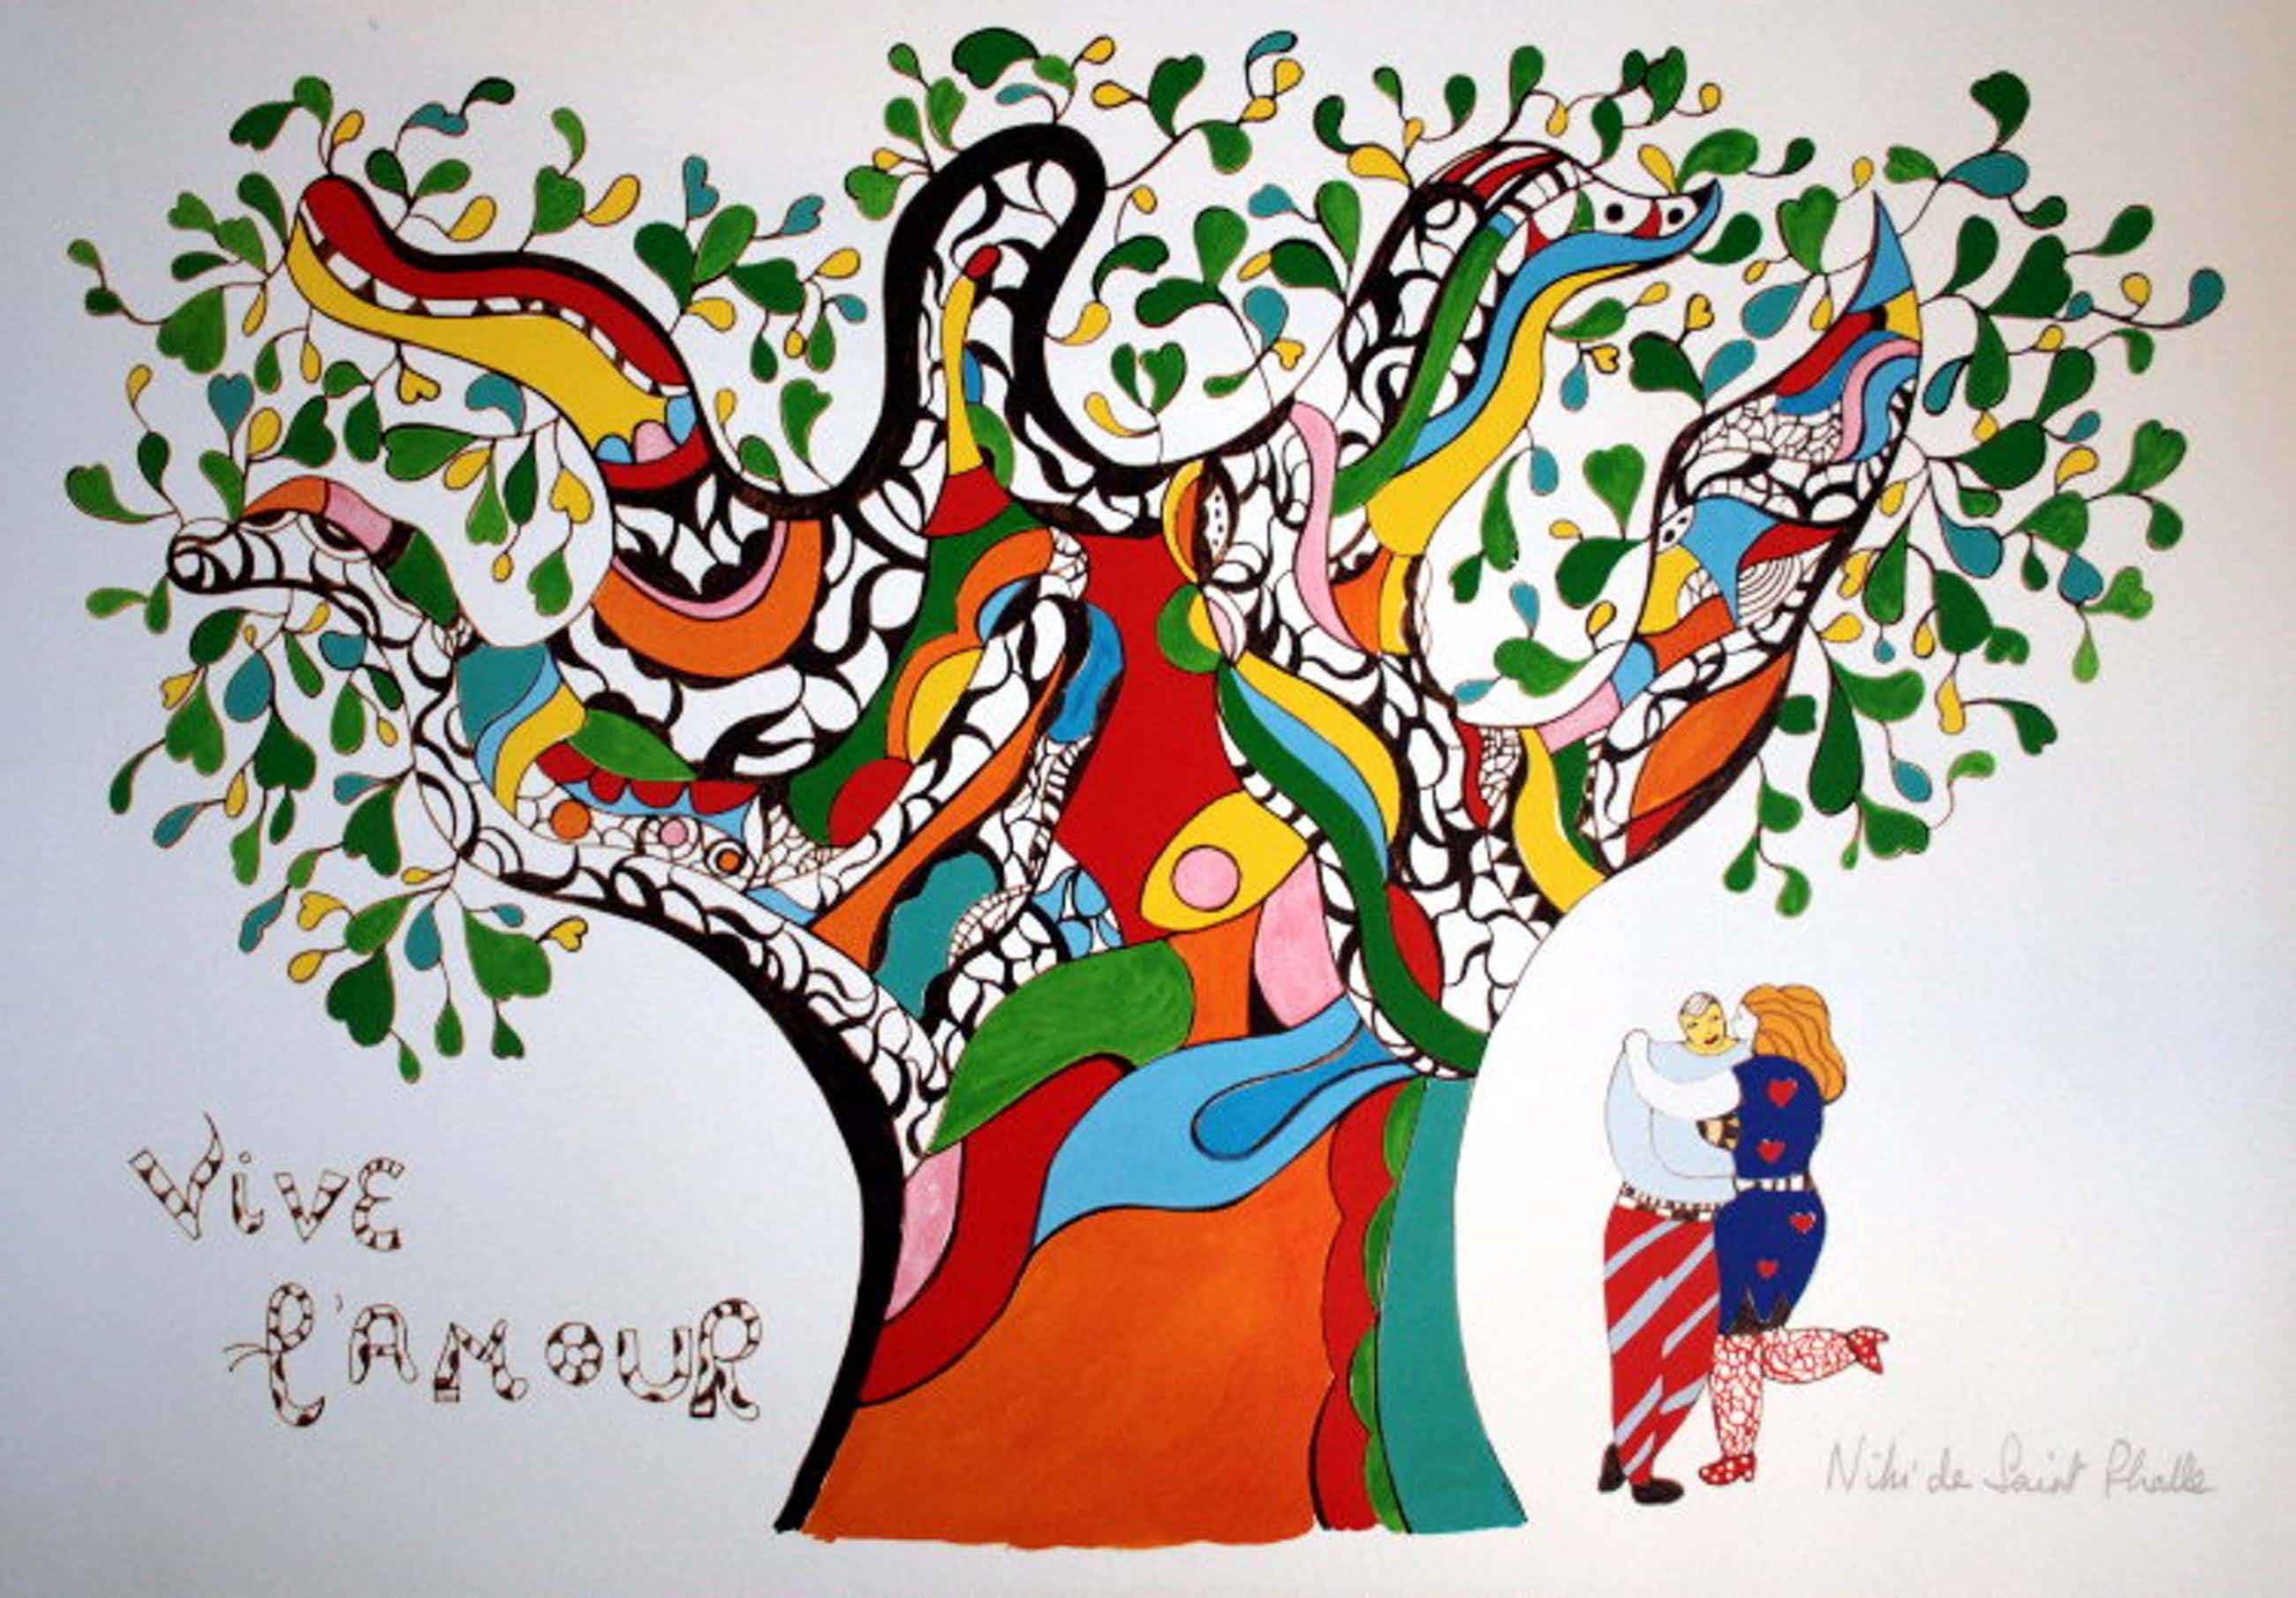 Niki de Saint-Phalle - Vive l'amour, Poster kopen? Bied vanaf 250!